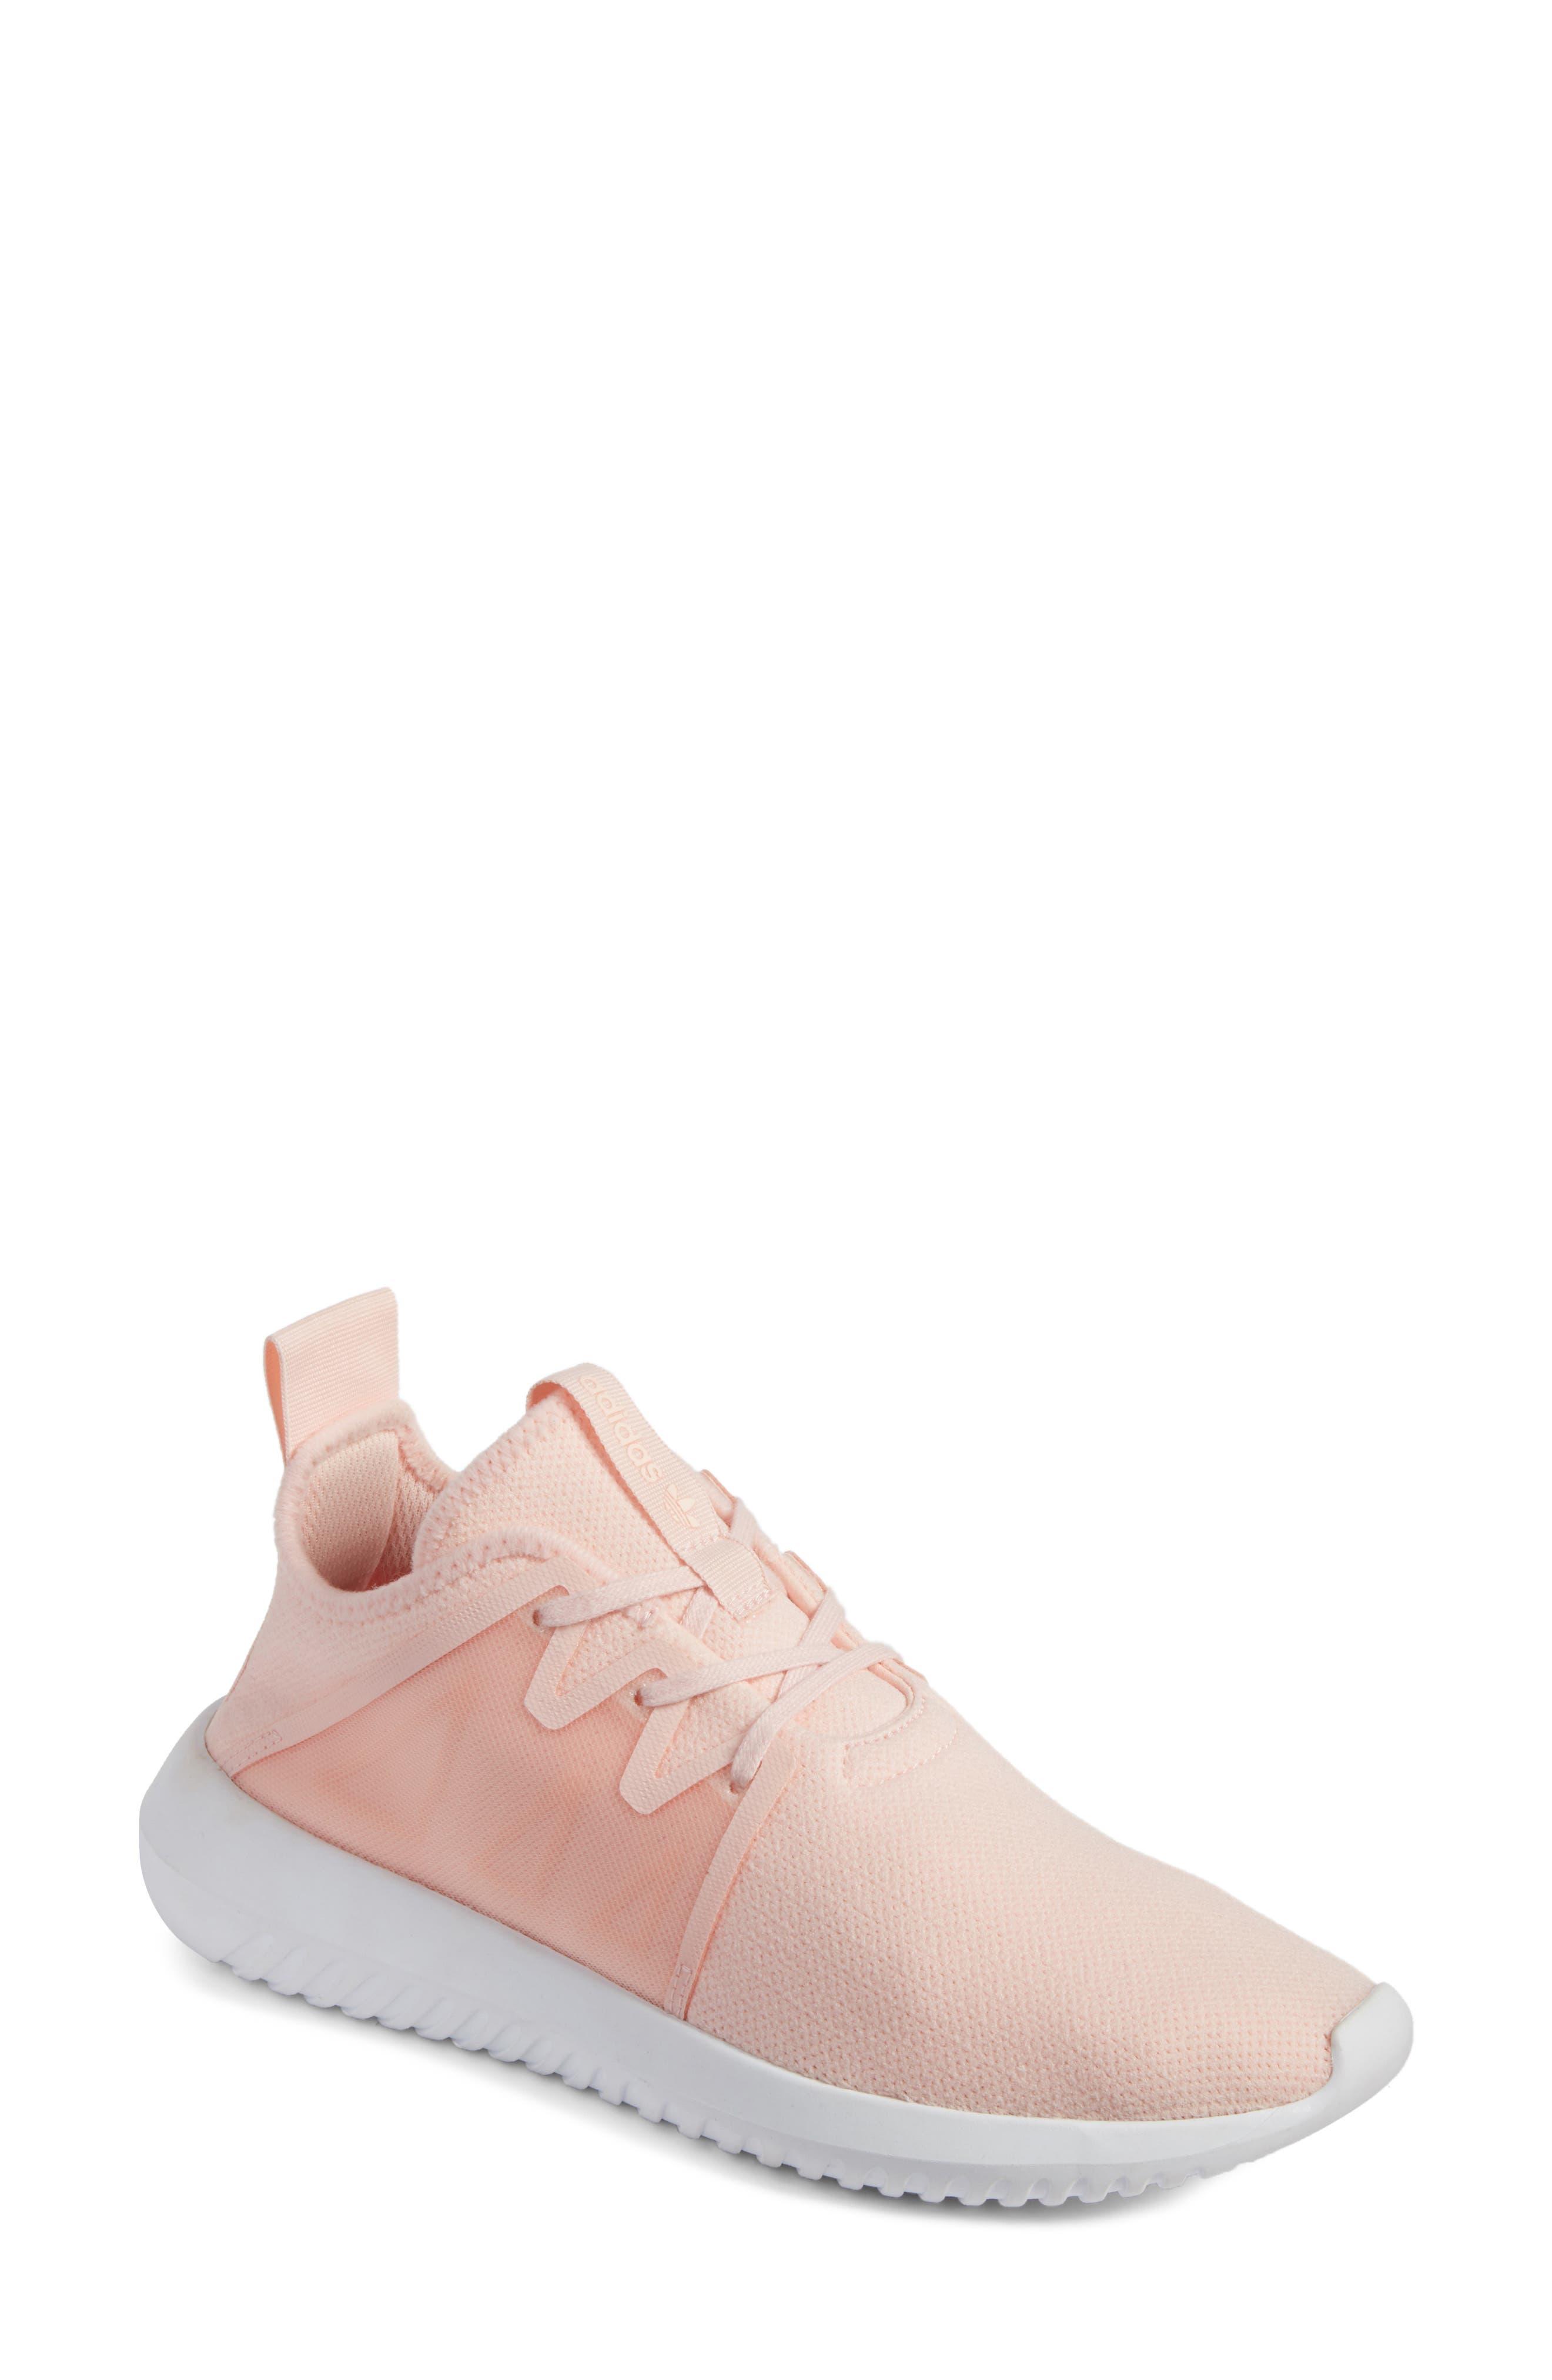 adidas Tubular Viral 2 Sneaker (Women)